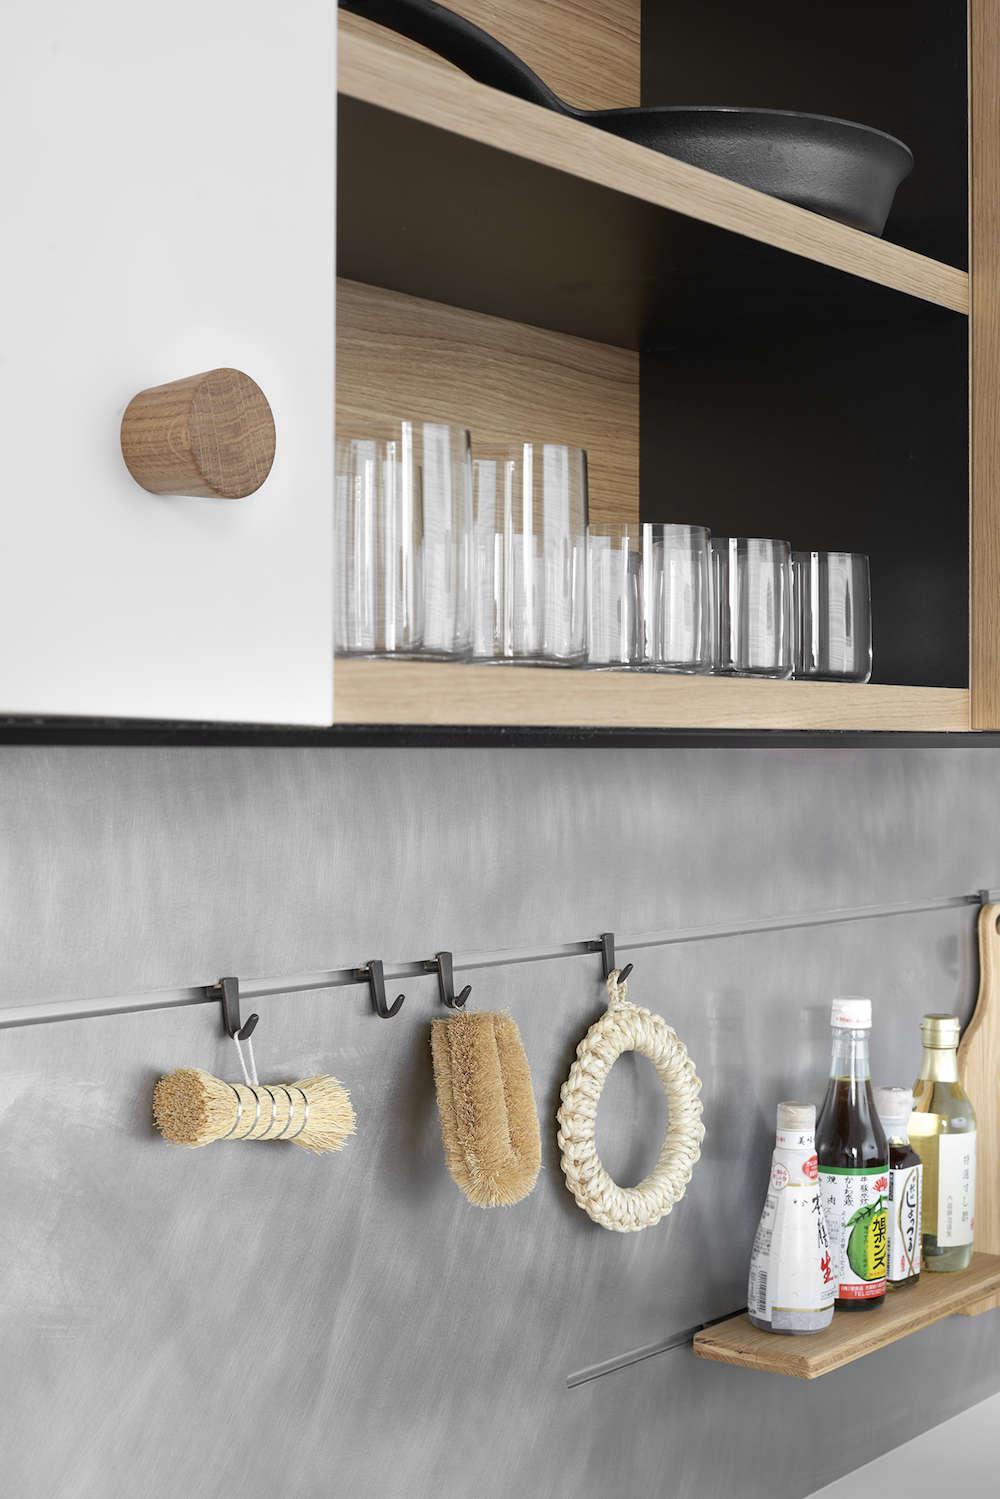 Jasper-Morrison-Schiffini-Kitchen-Remodelista-10